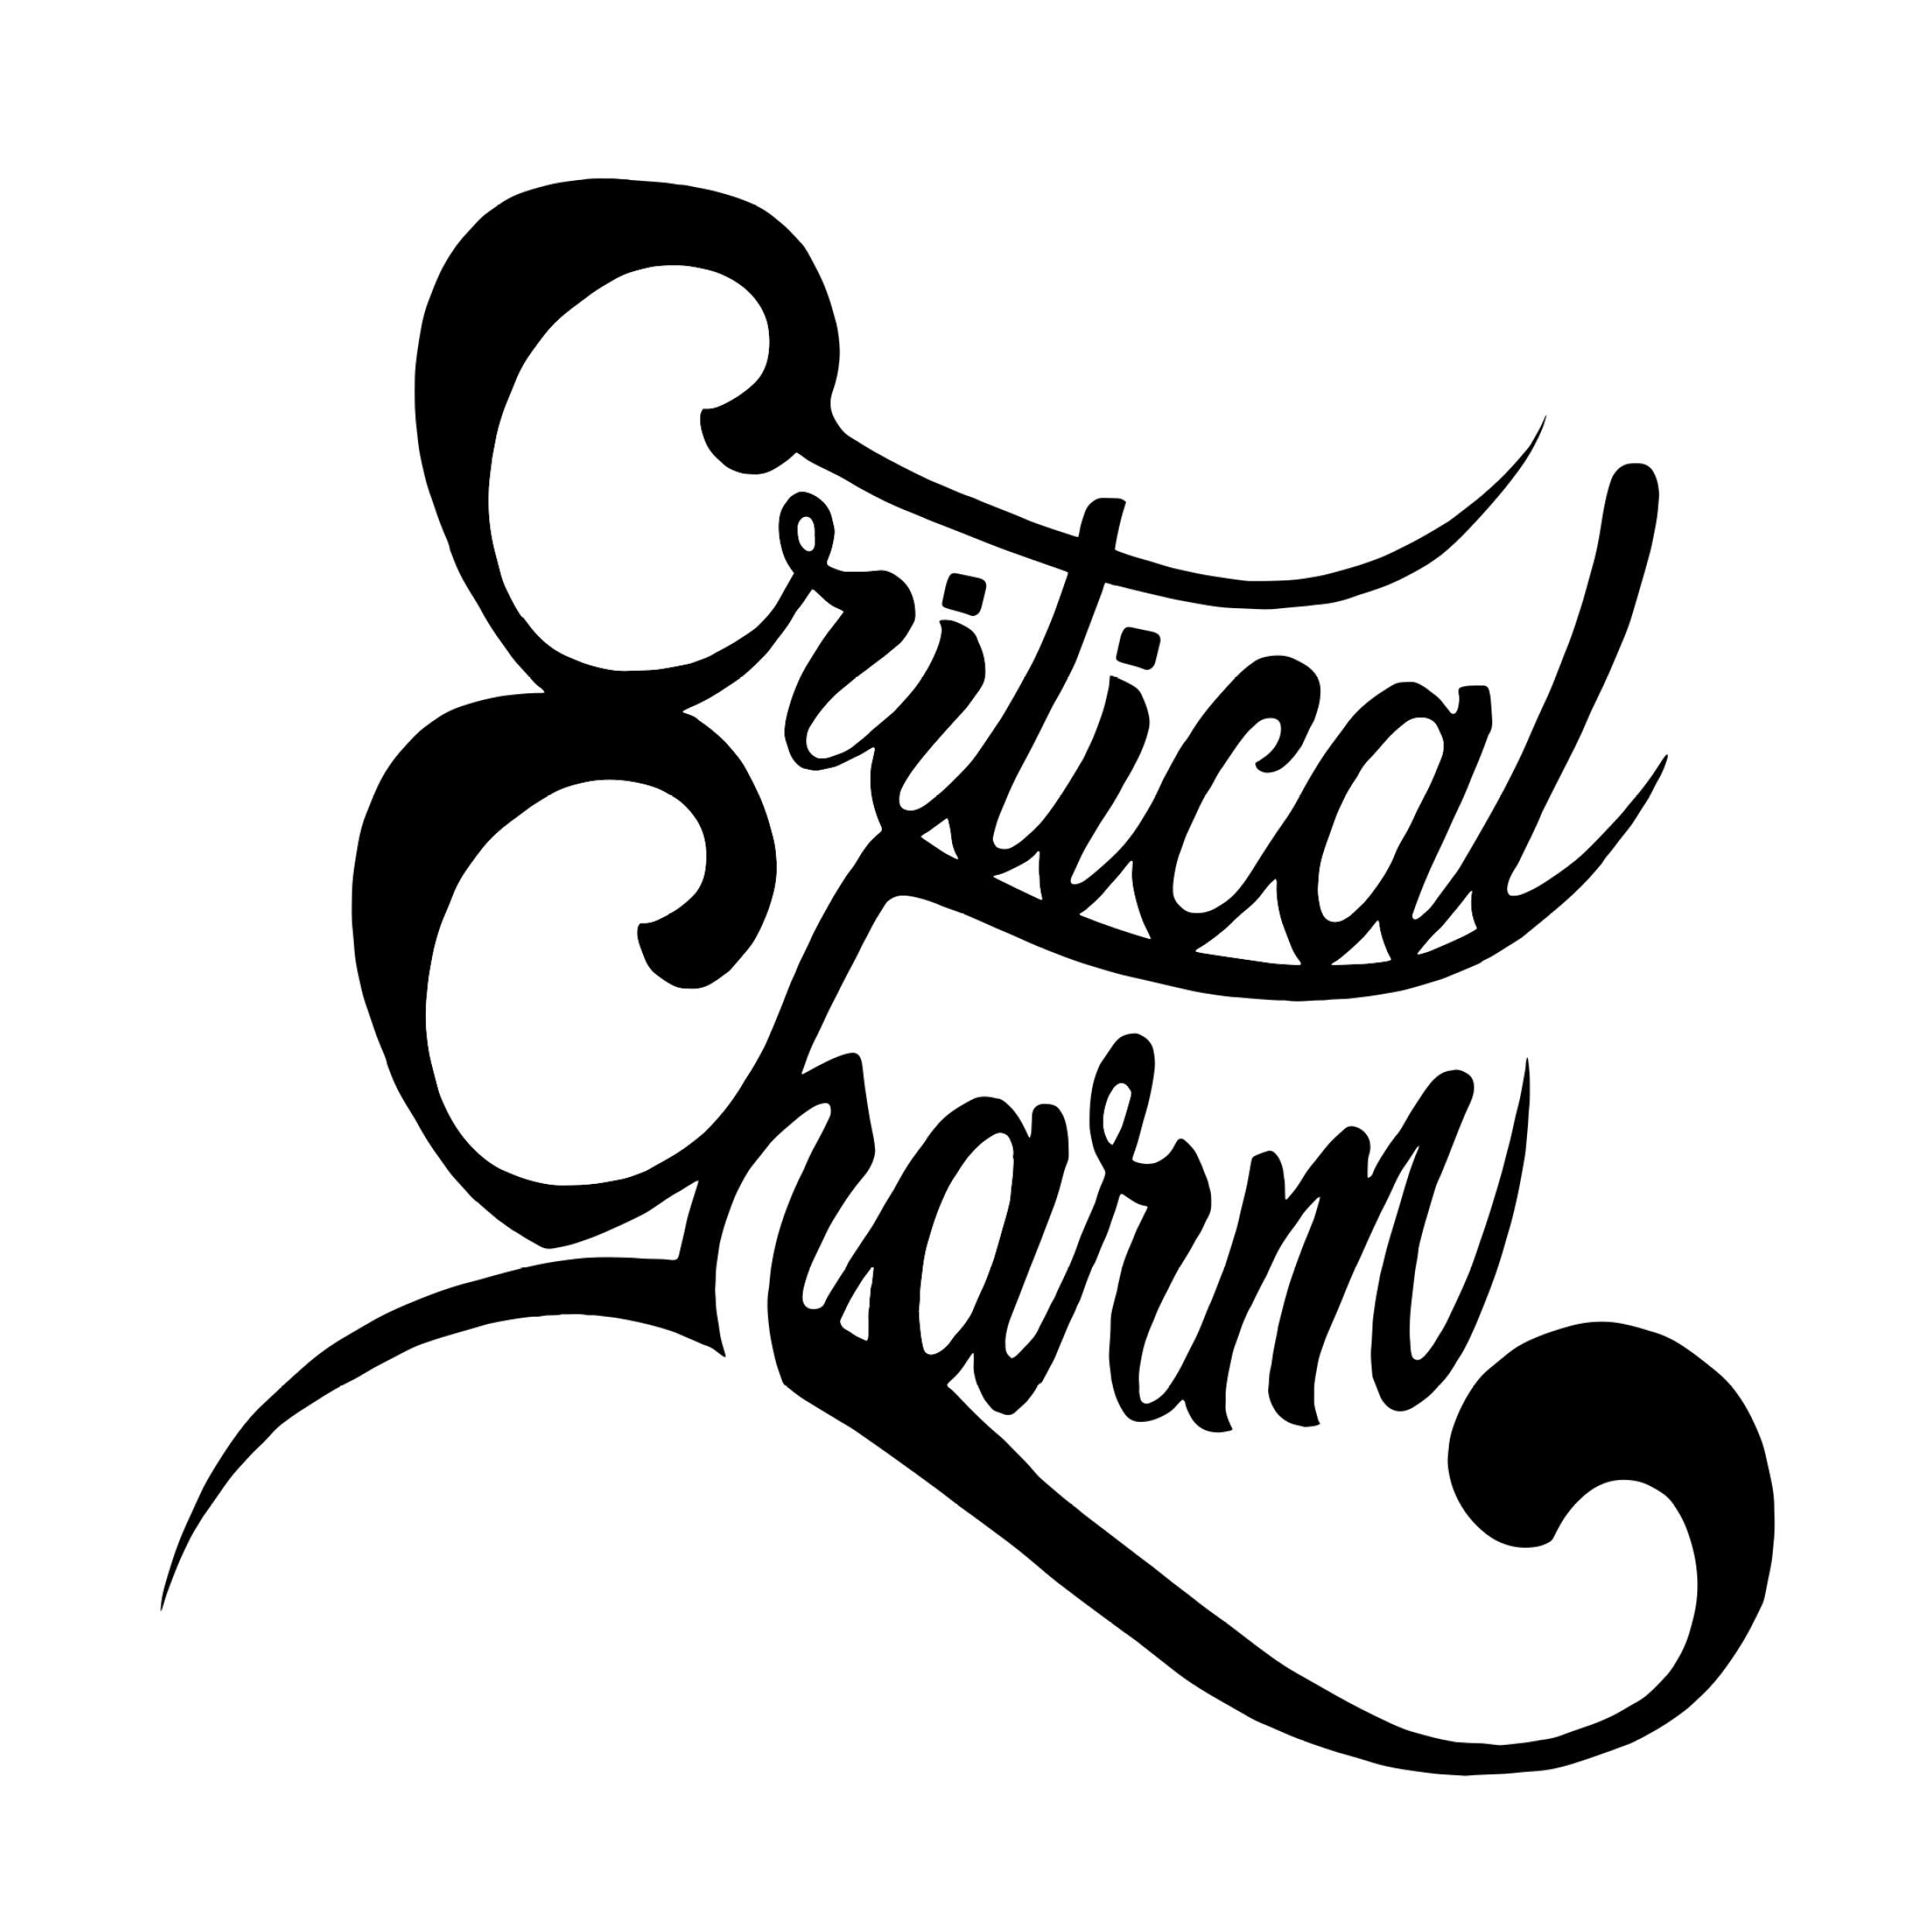 Critical Charm logo, HXRC Hub team